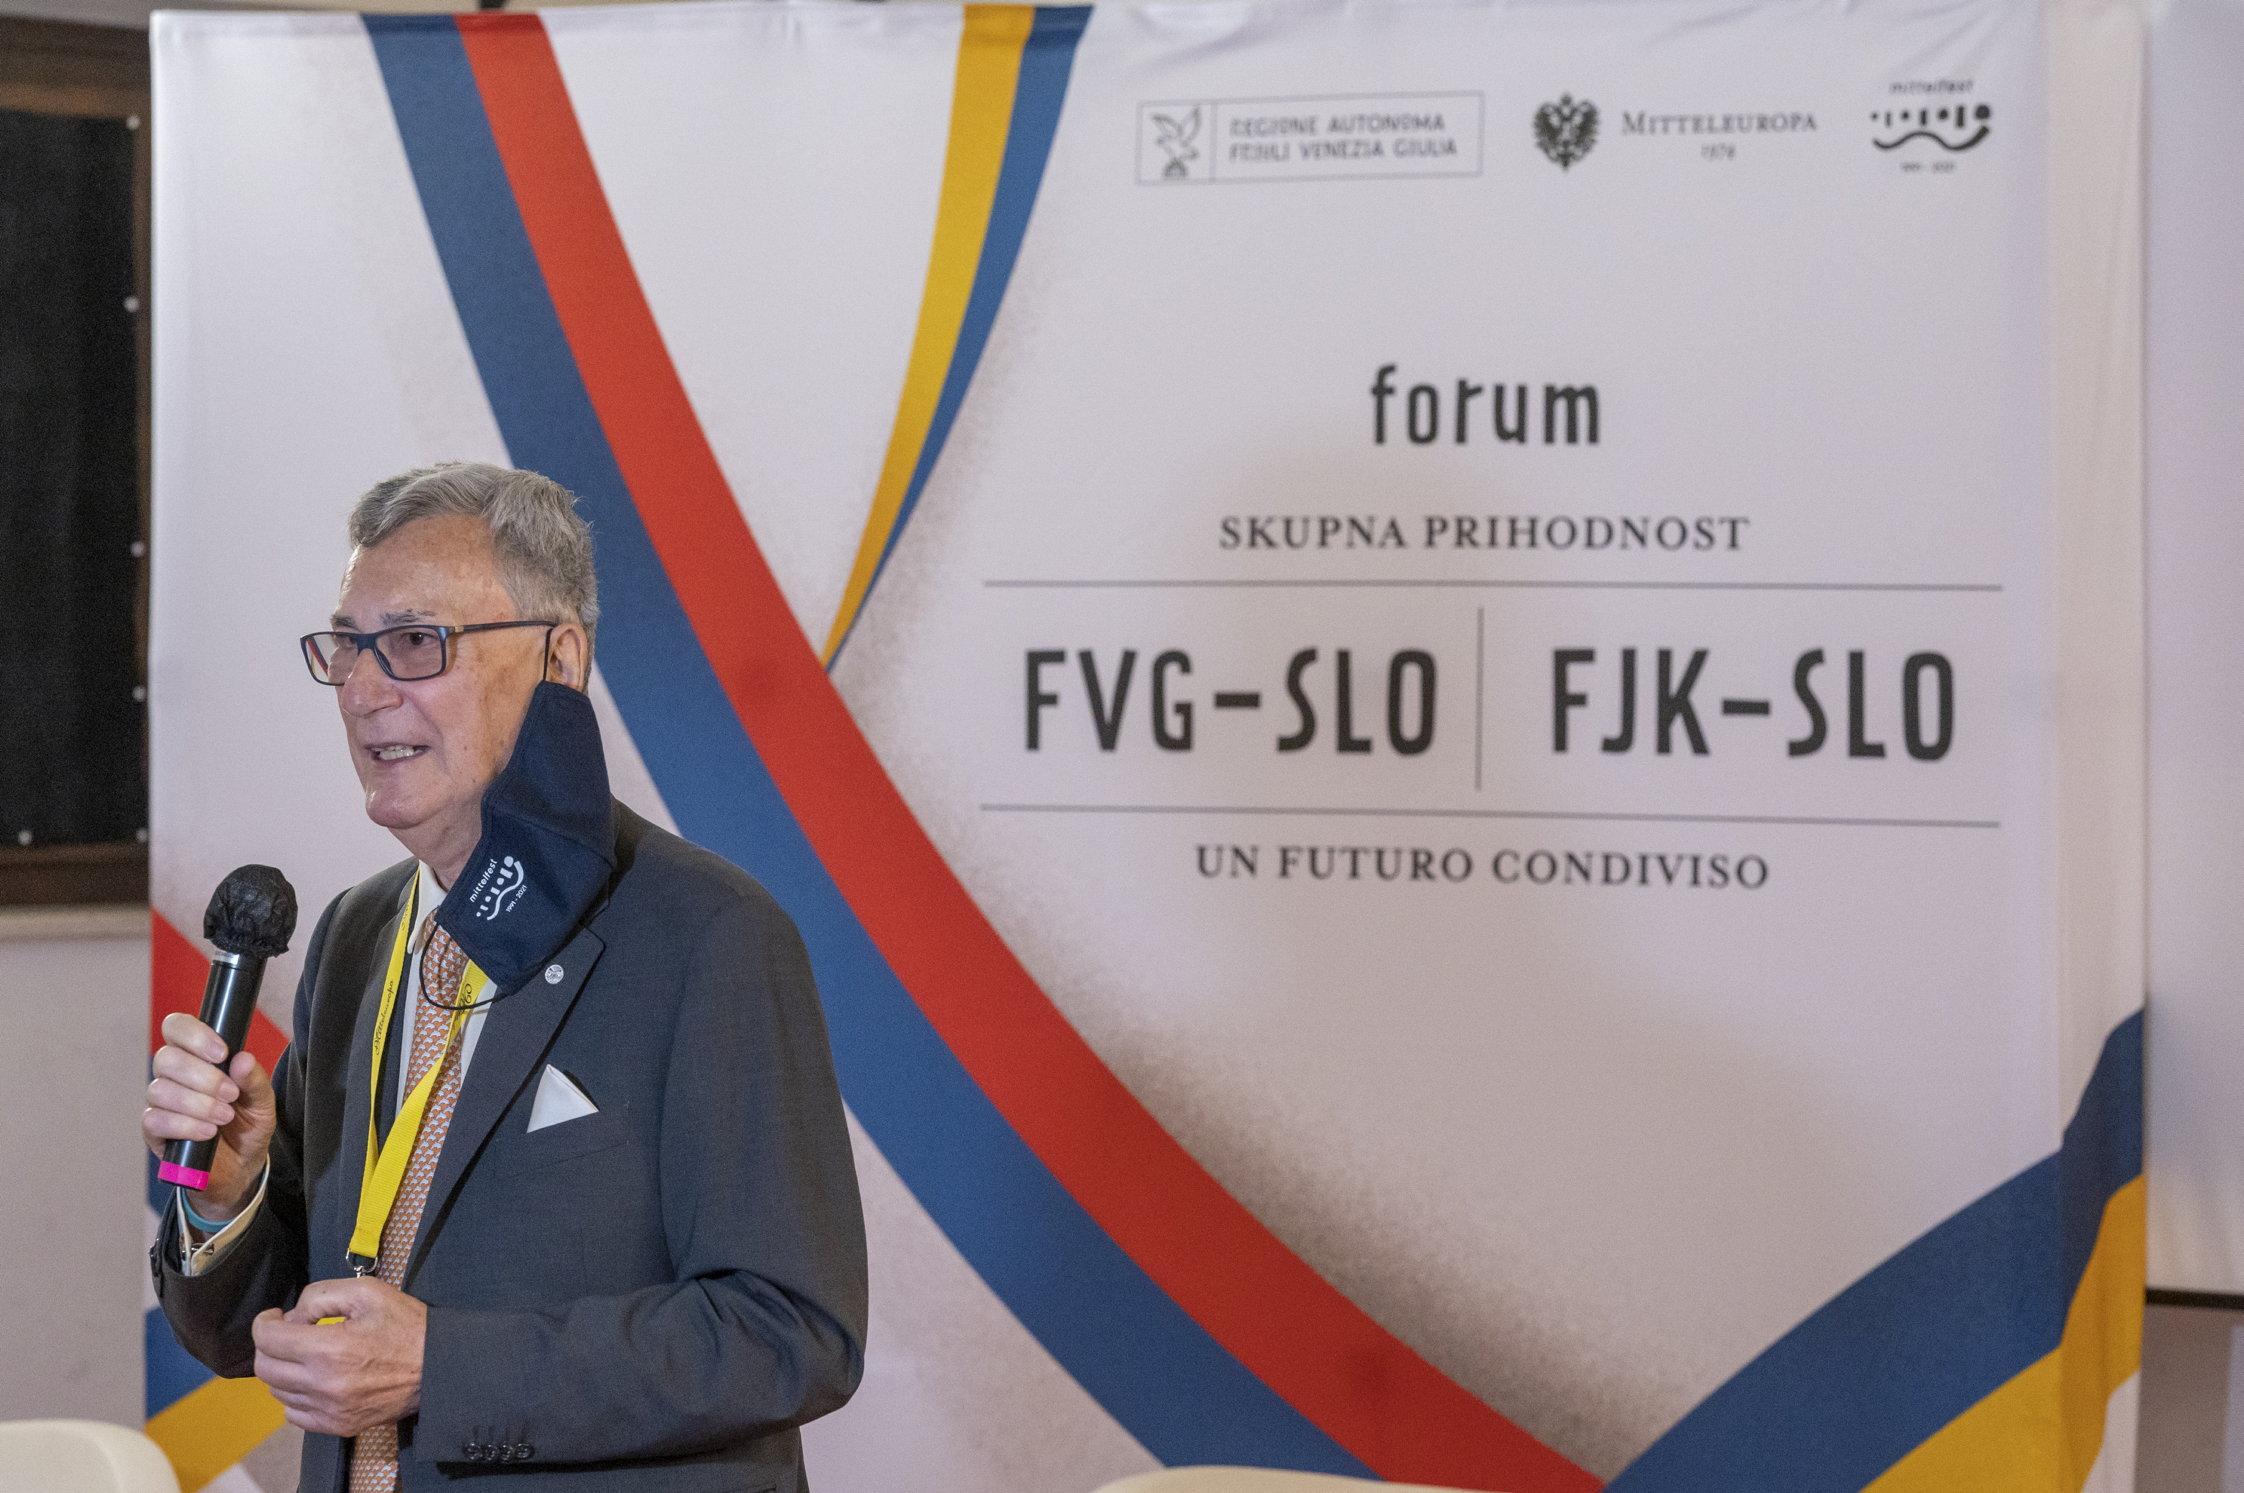 Immagine per Obiettivi comuni nel futuro di Fvg e Slovenia, le sfide raccontate a Mittelfest